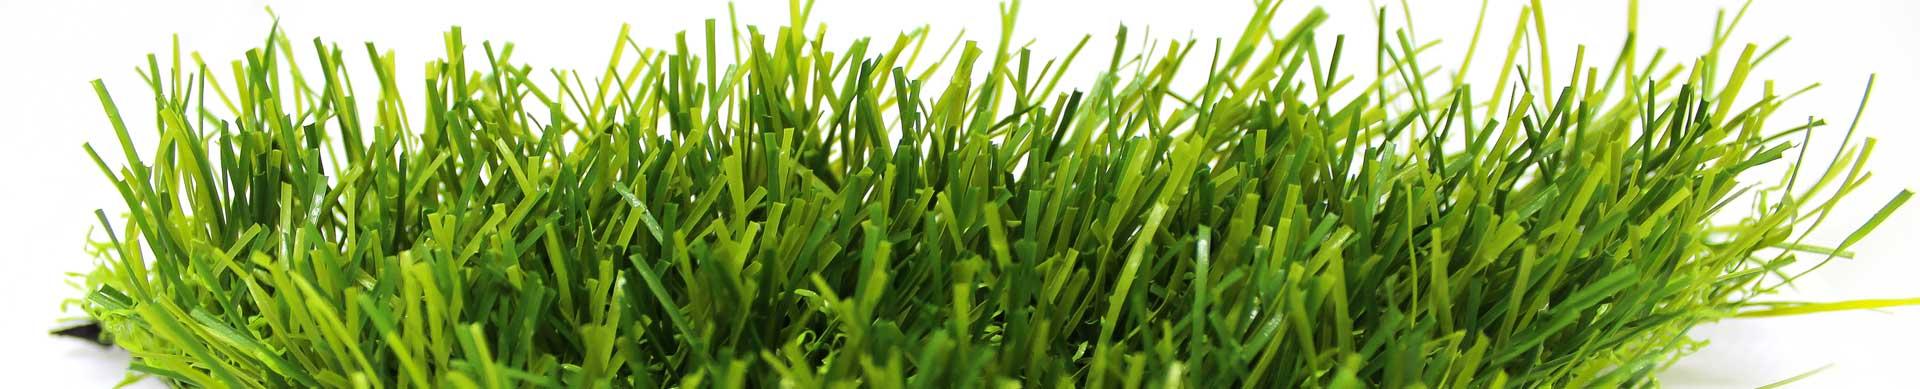 דשא סינתטי מדגם מיקס